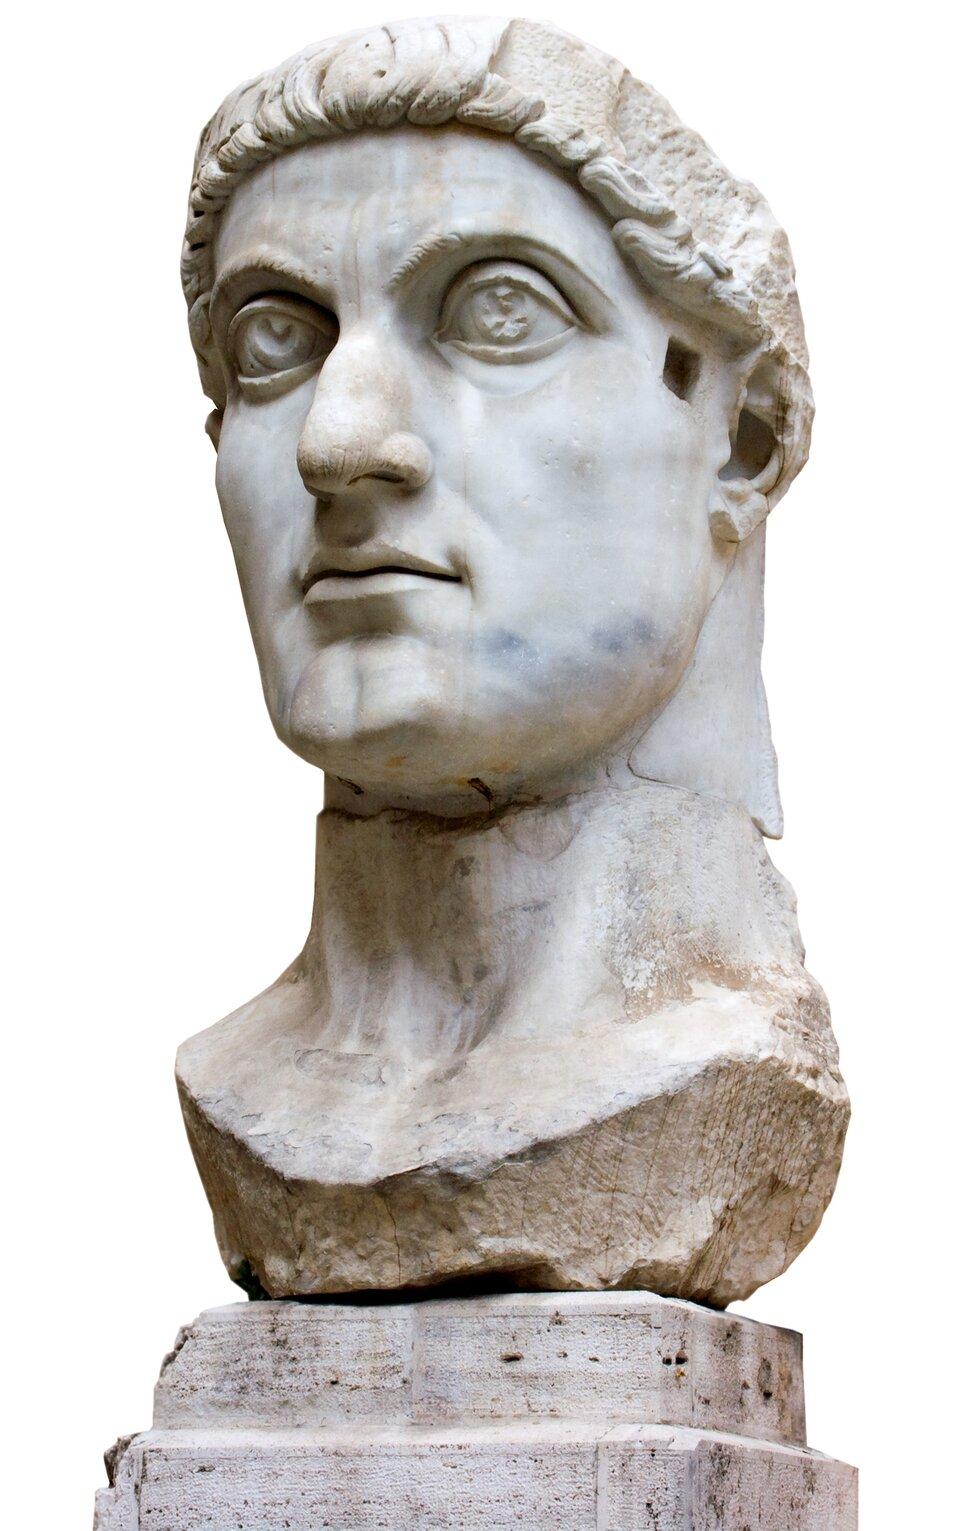 Popiersie Konstantyna Wielkiego Popiersie Konstantyna Wielkiego Źródło: Jean Christophe BENOIST, Wikimedia Commons, licencja: CC BY 2.5.